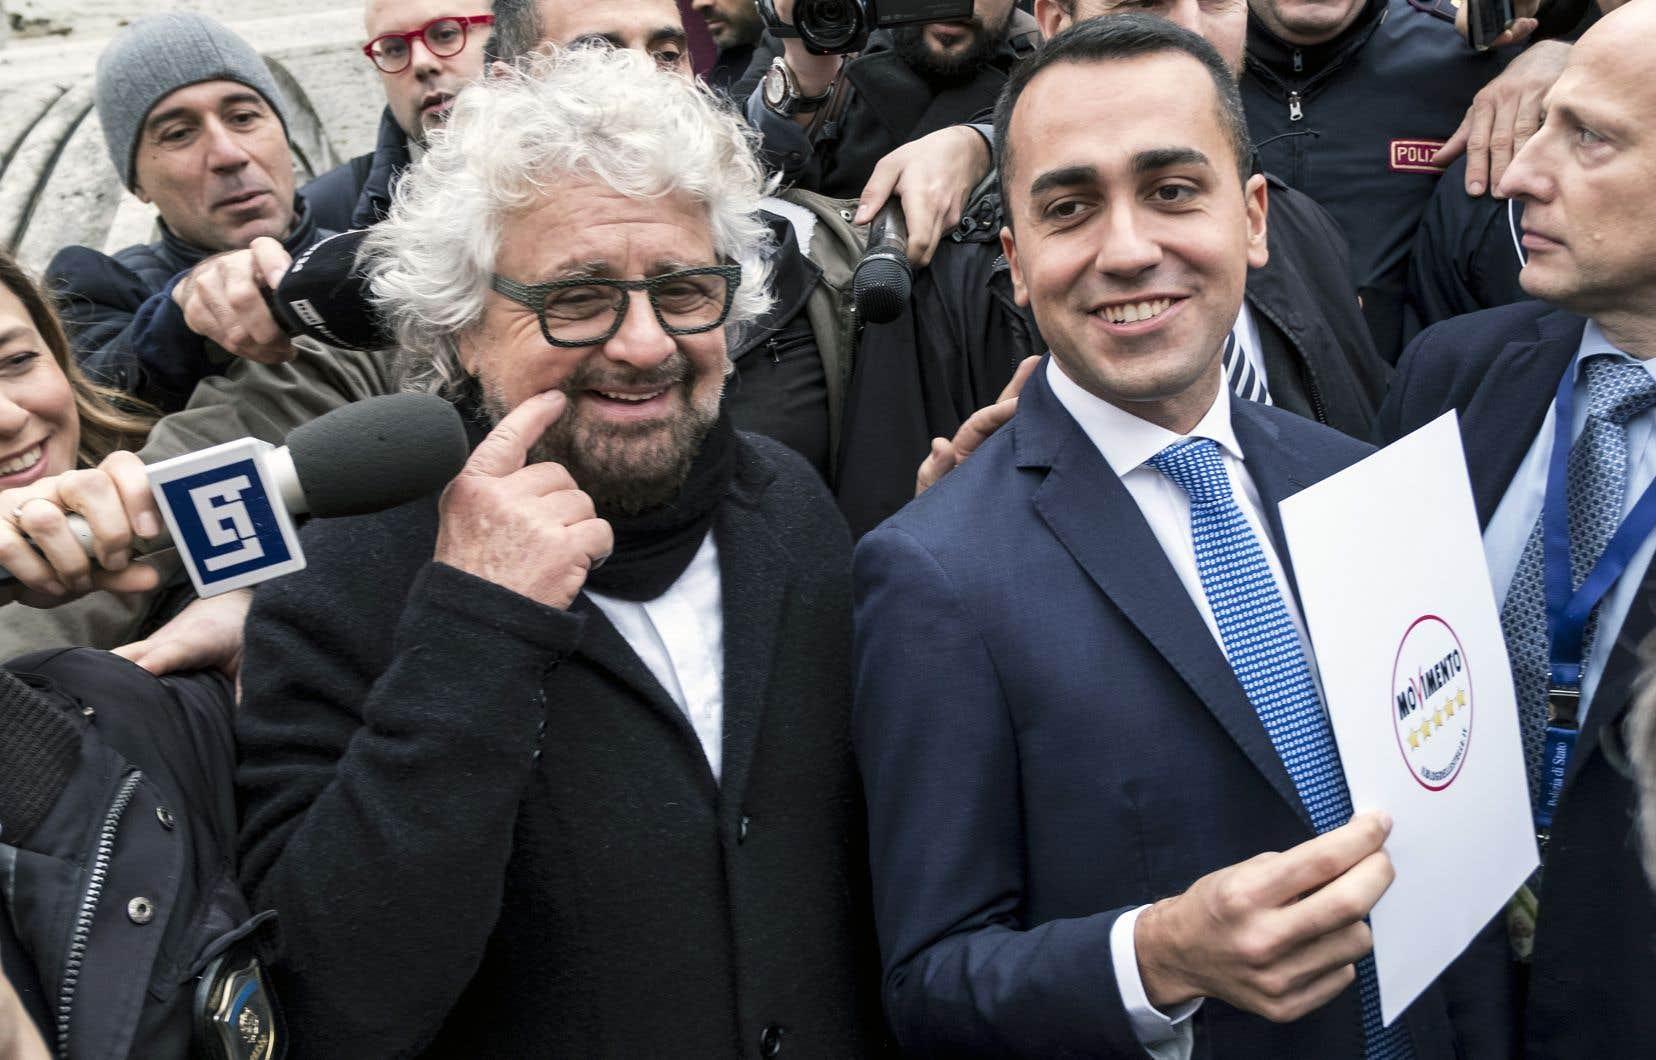 Le chef du Mouvement 5 étoiles, Luigi Di Maio (à droite), accompagné du fondateur du parti, Beppe Grillo.